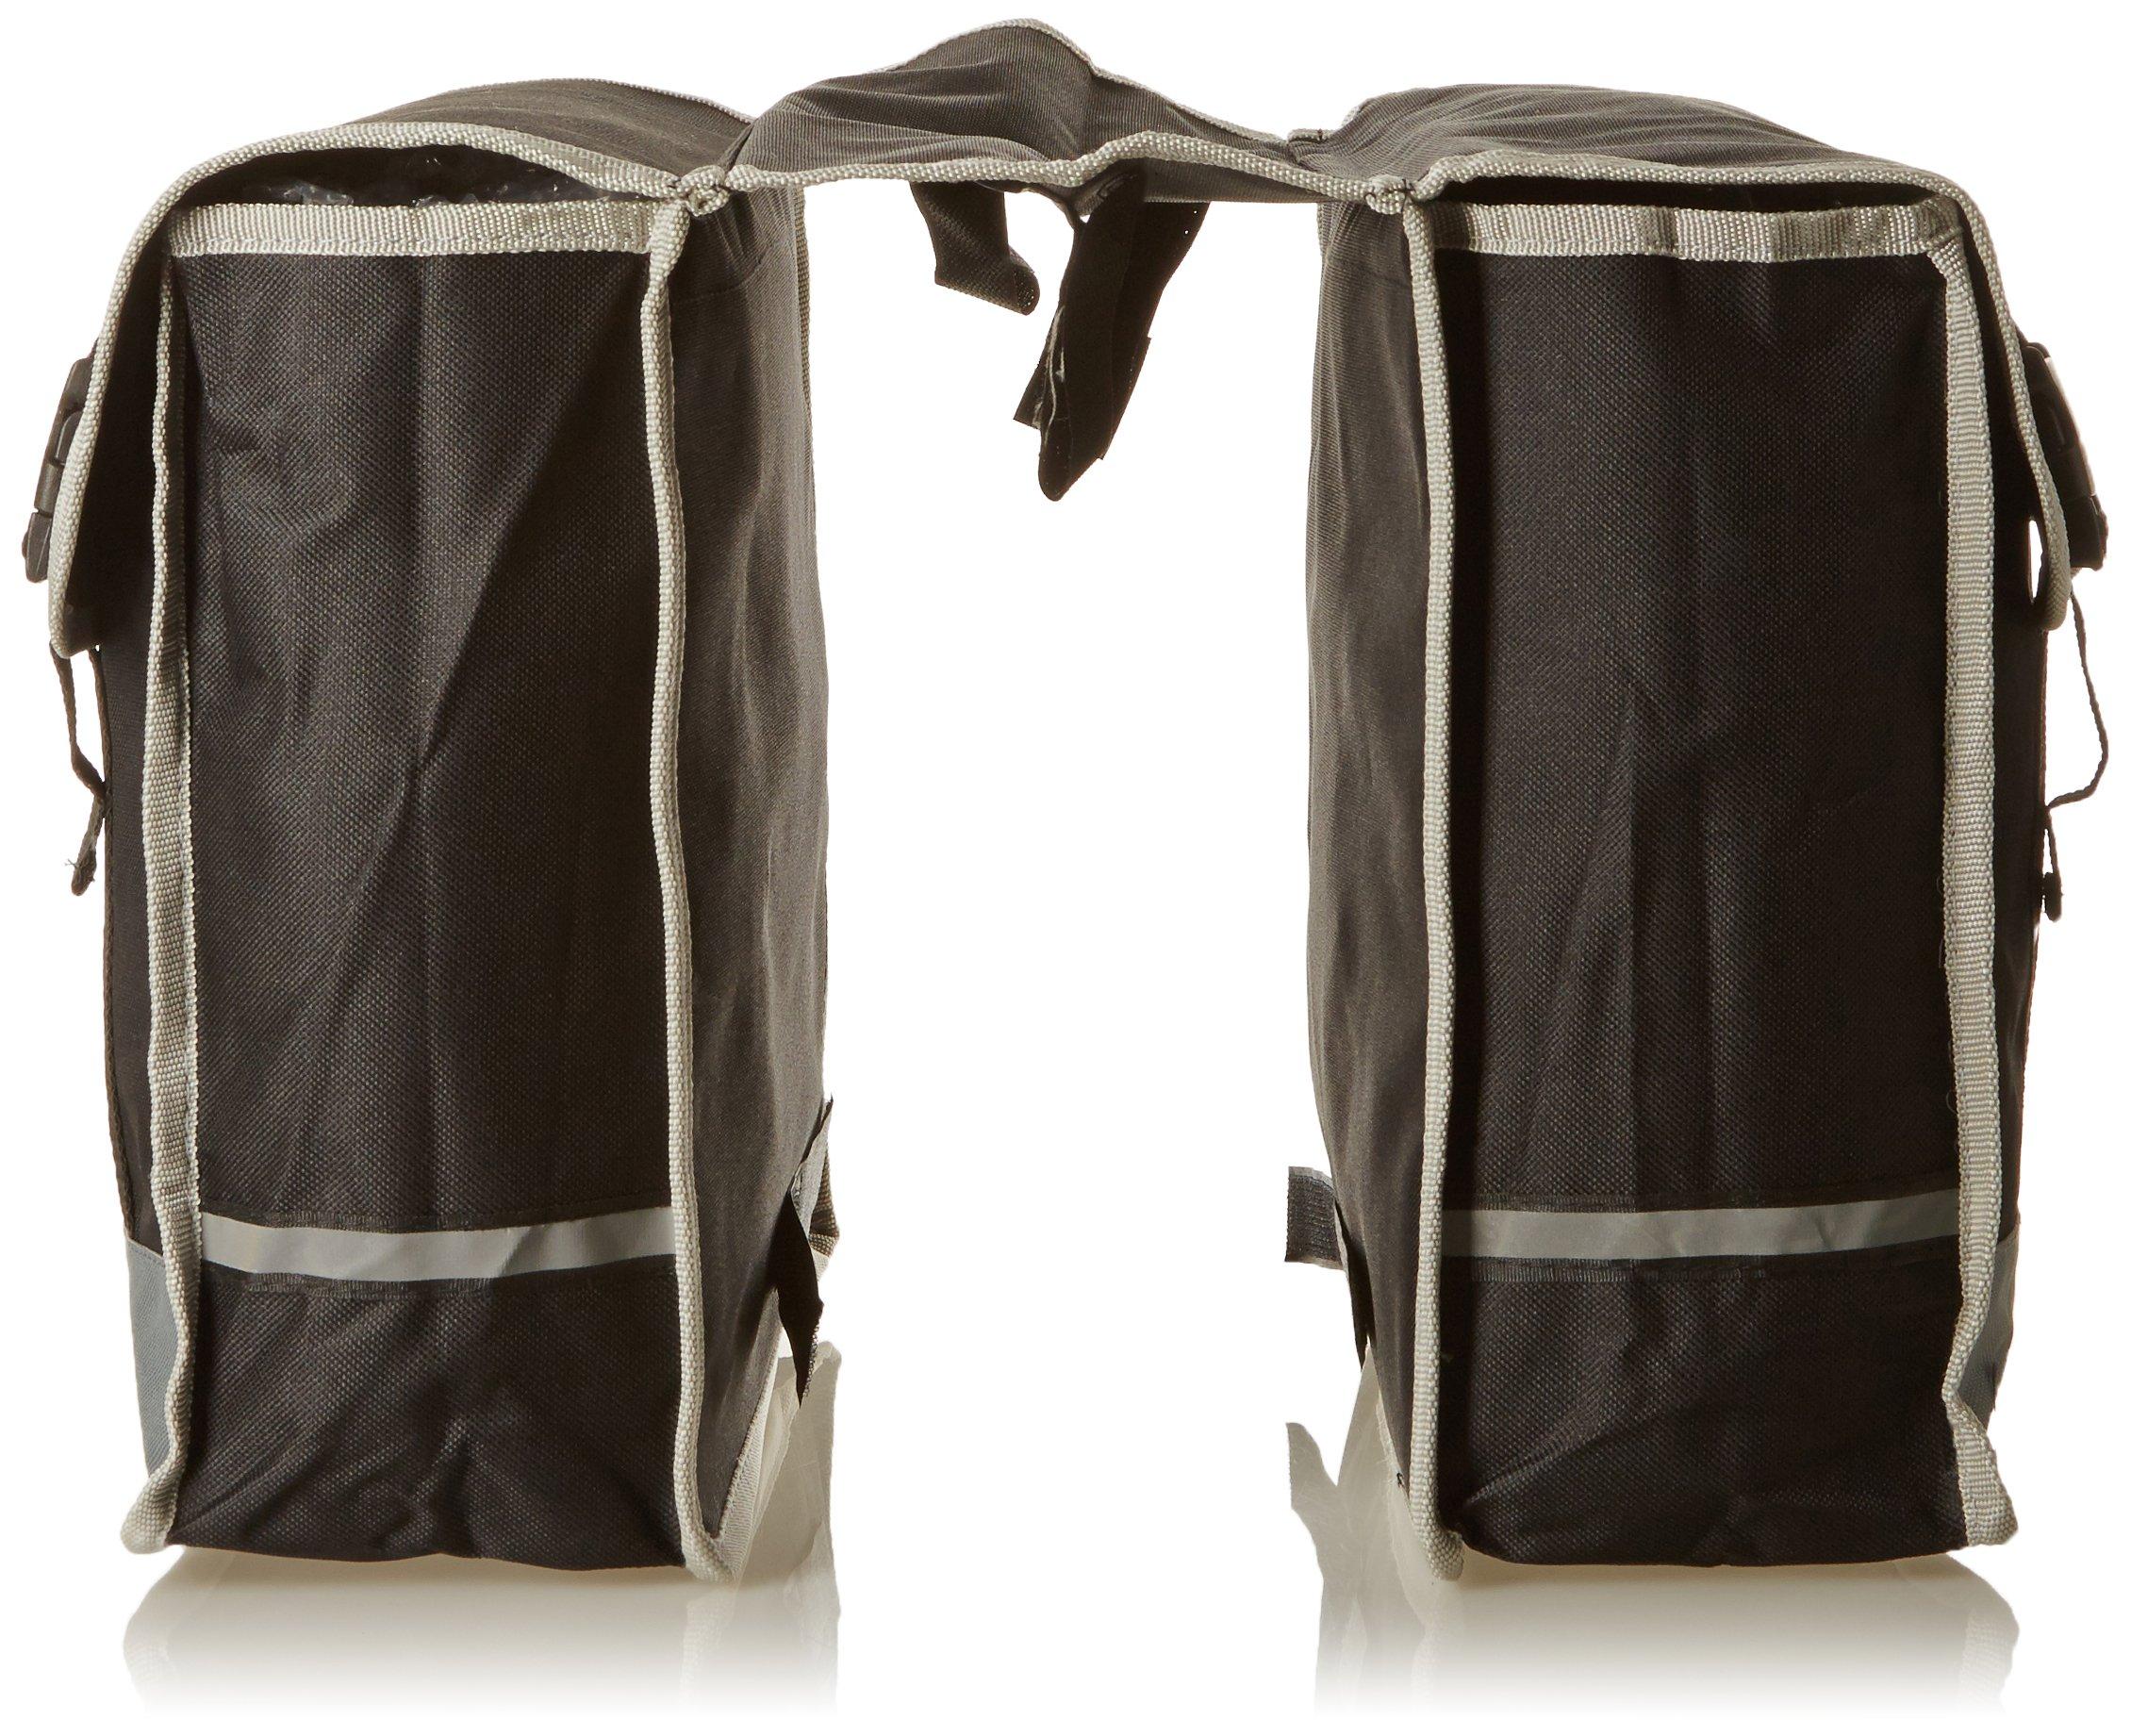 Dunlop - Alforjas para Bicicleta, Doble PES, Negro/Gri: Amazon.es: Deportes y aire libre